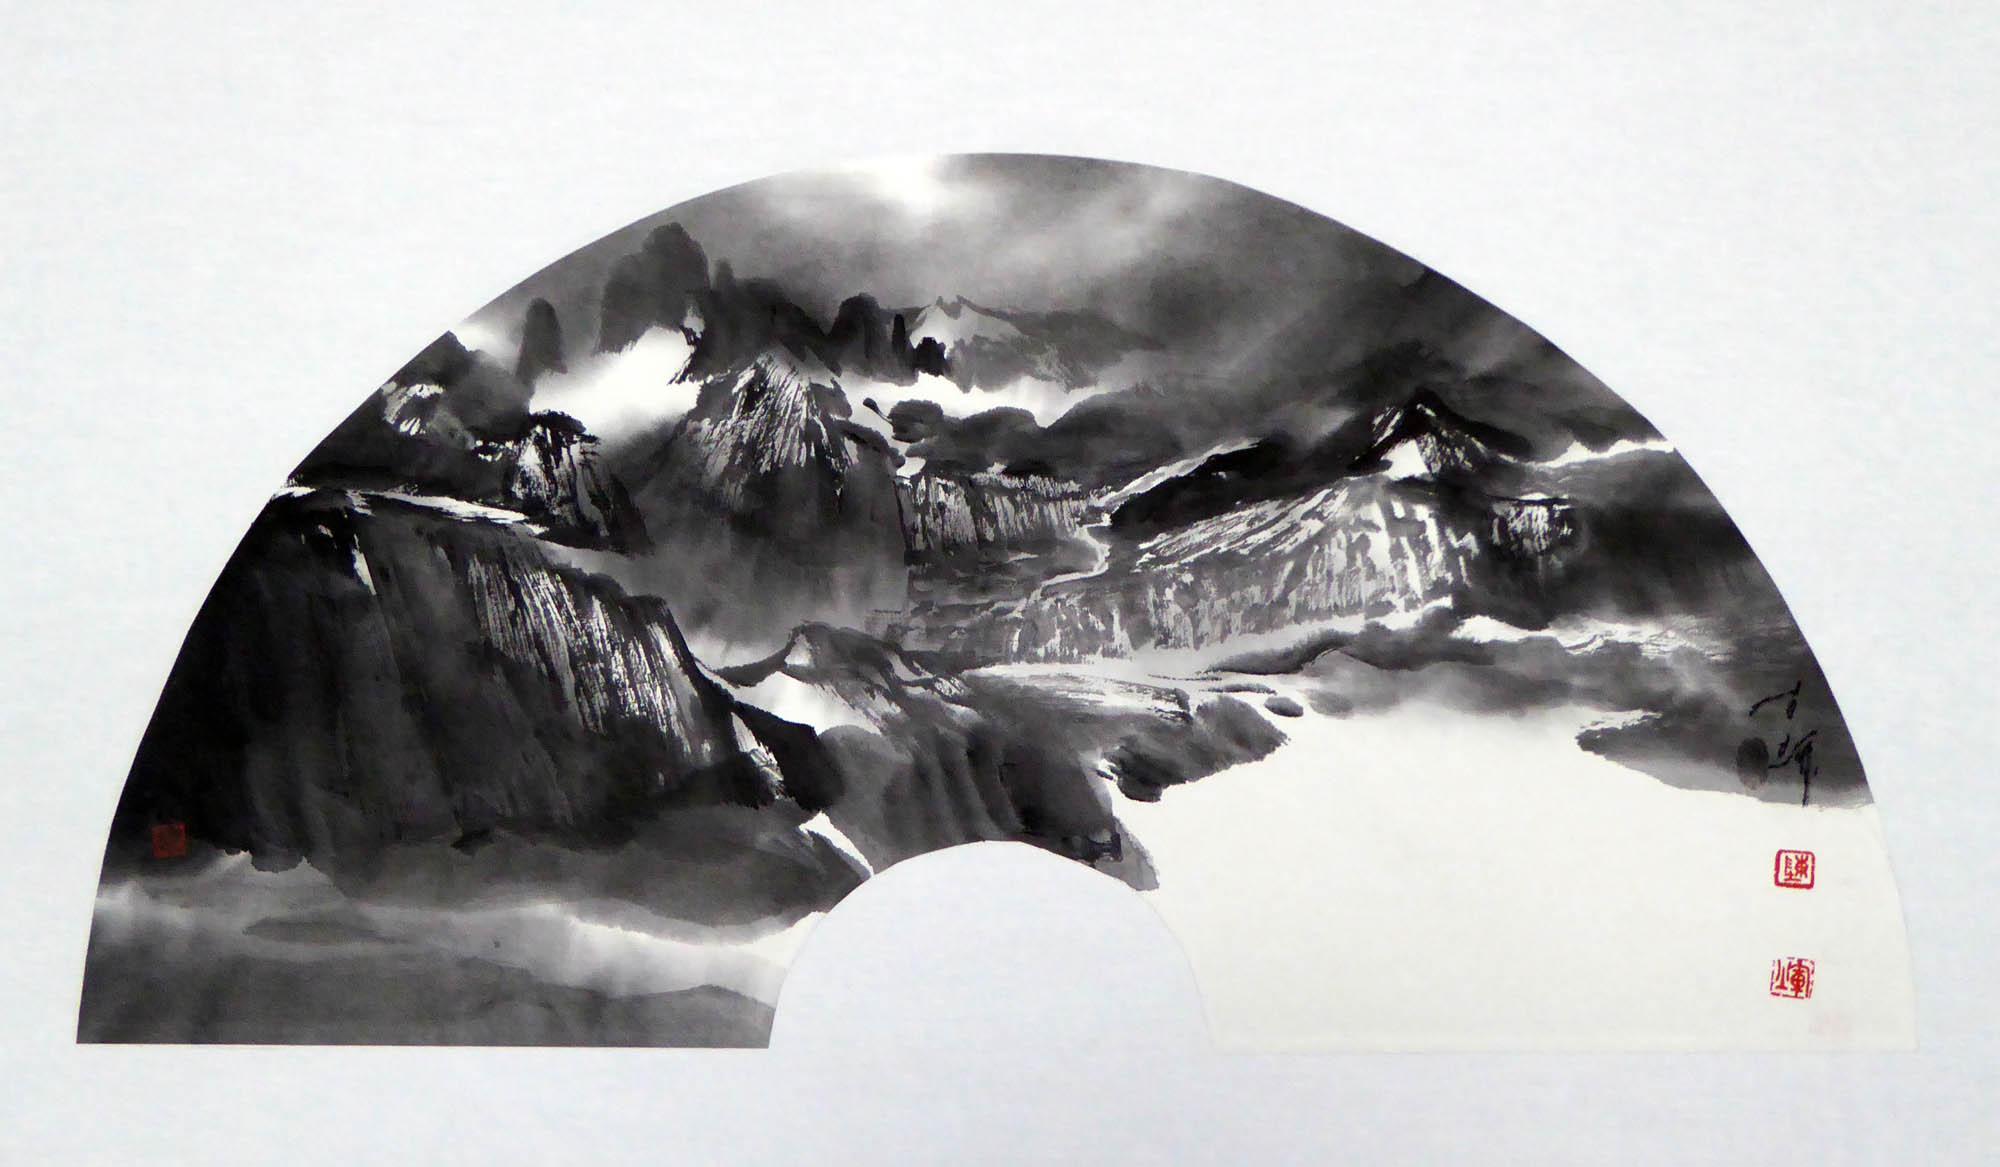 陈辉作品喀喇昆仑山脉之圣境